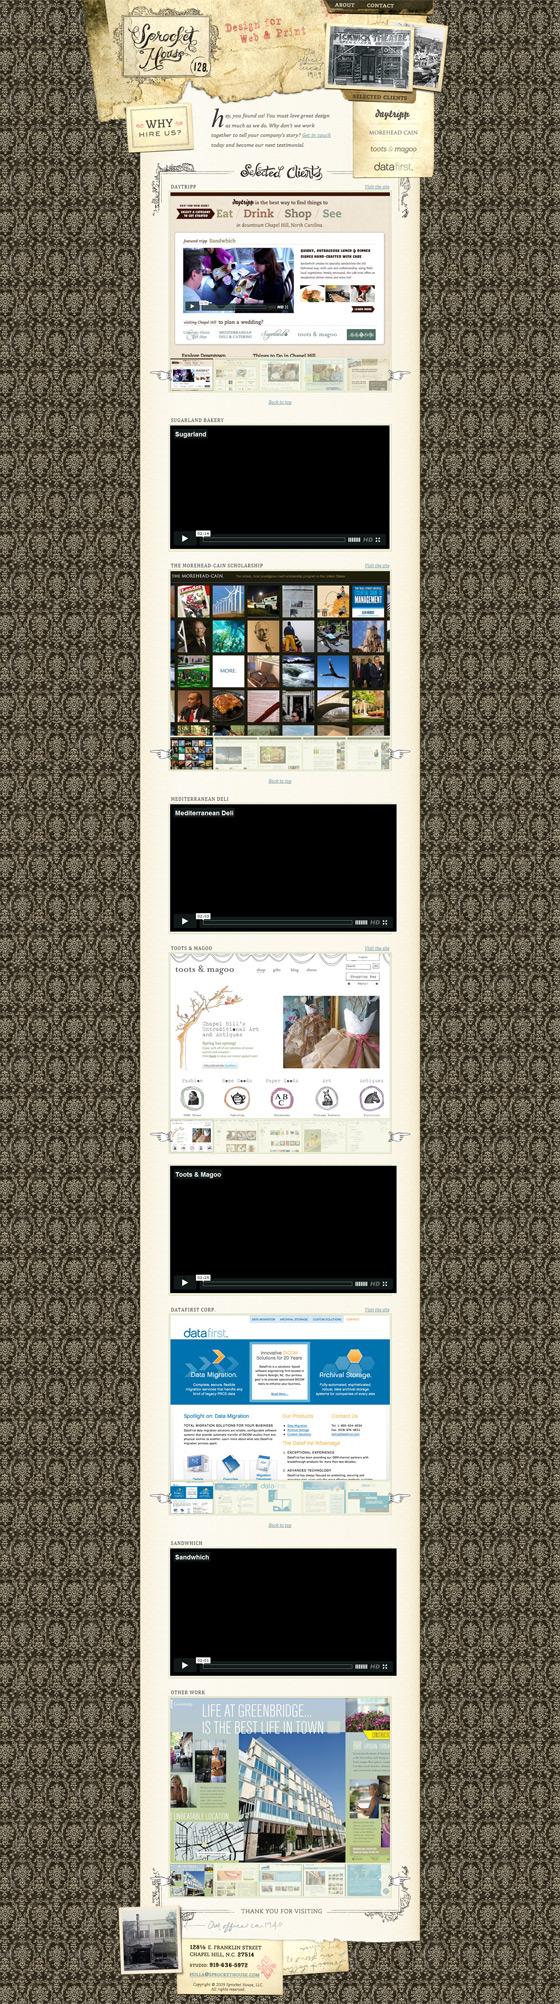 Sprocket House | Web Design